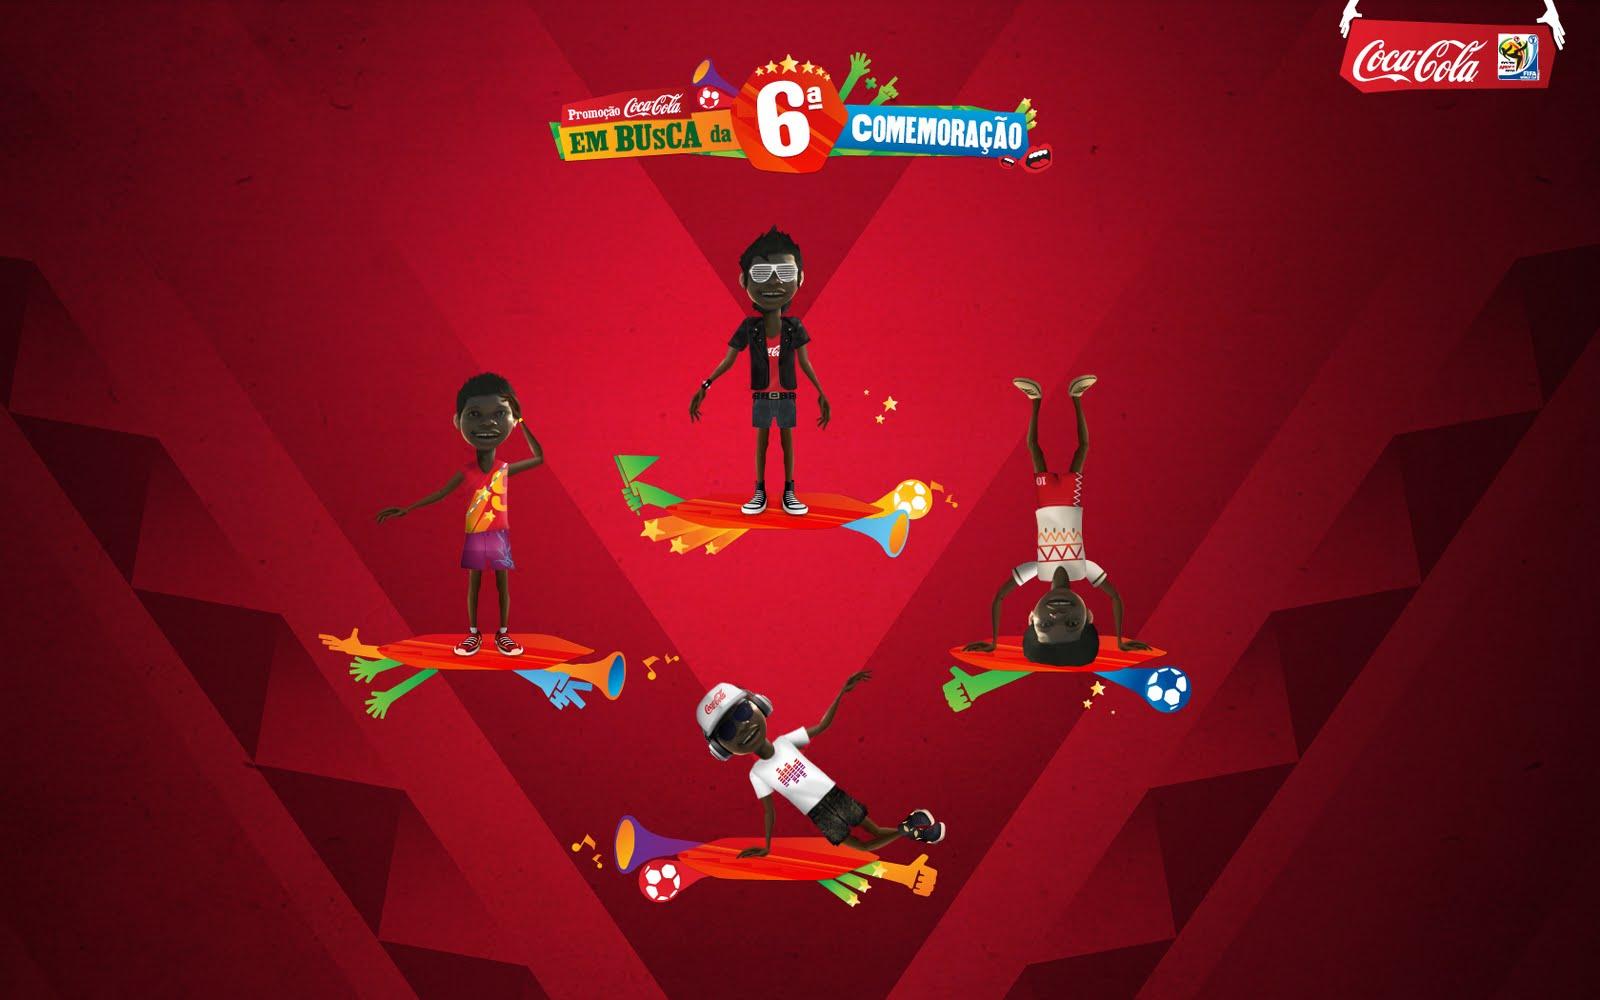 http://1.bp.blogspot.com/_fCJhxlYZpRg/TBxjkZXJKmI/AAAAAAAACUc/mmKkPWZNe5M/s1600/Wallpaper+Coca-Cola+Copa+do+Mundo+6.jpg